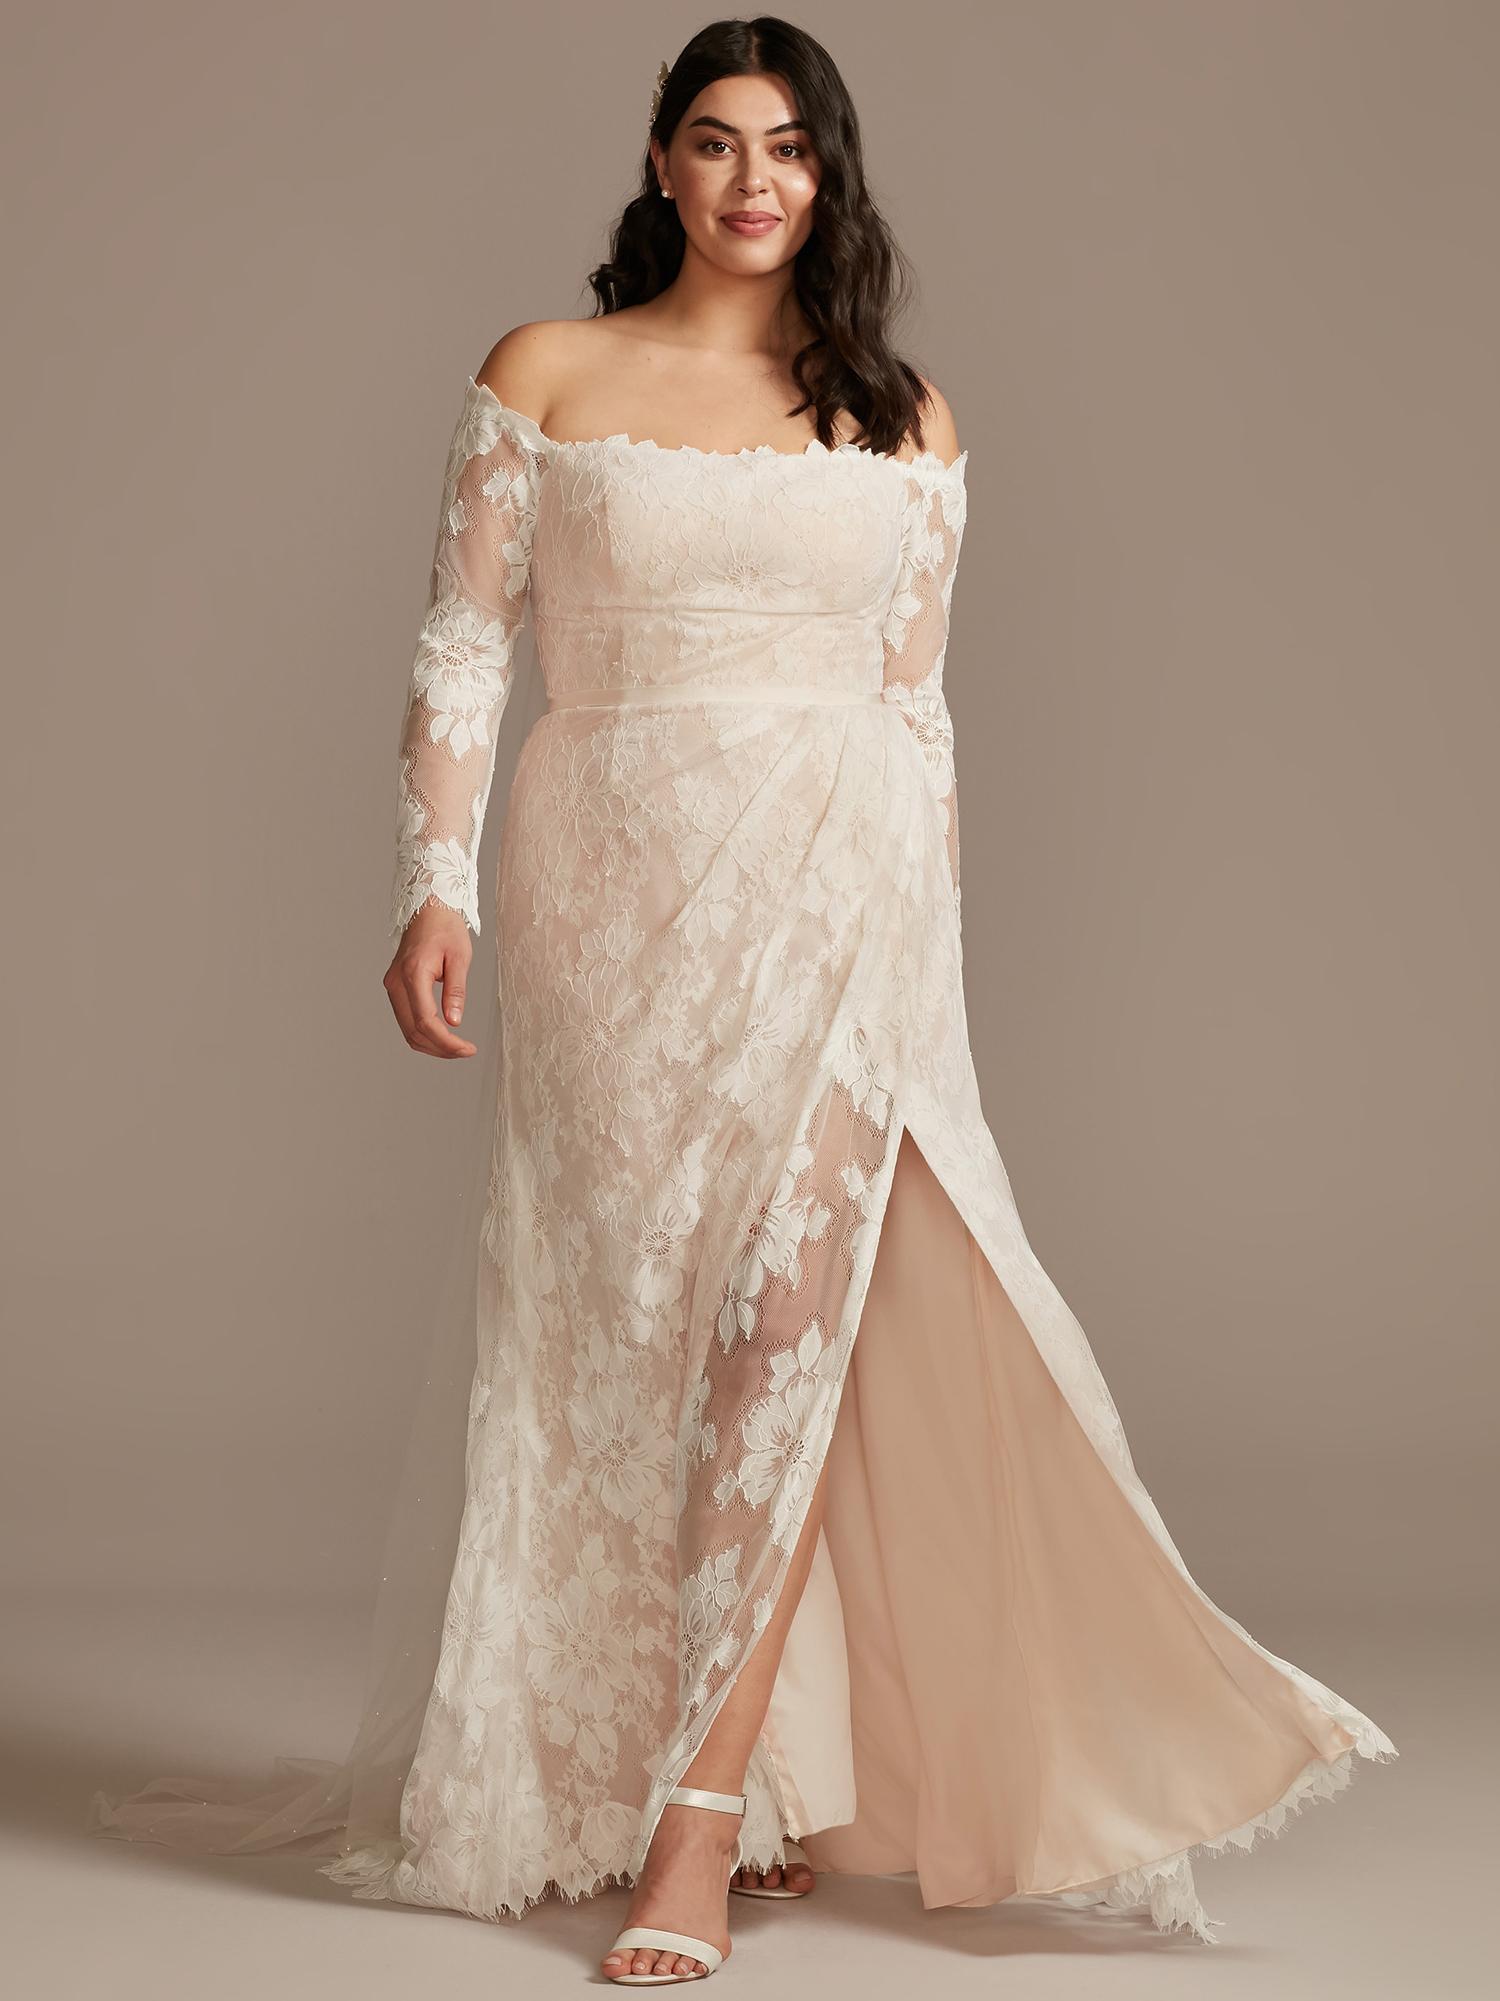 davids bridal off-the-shoulder lace side slit wedding dress spring 2021